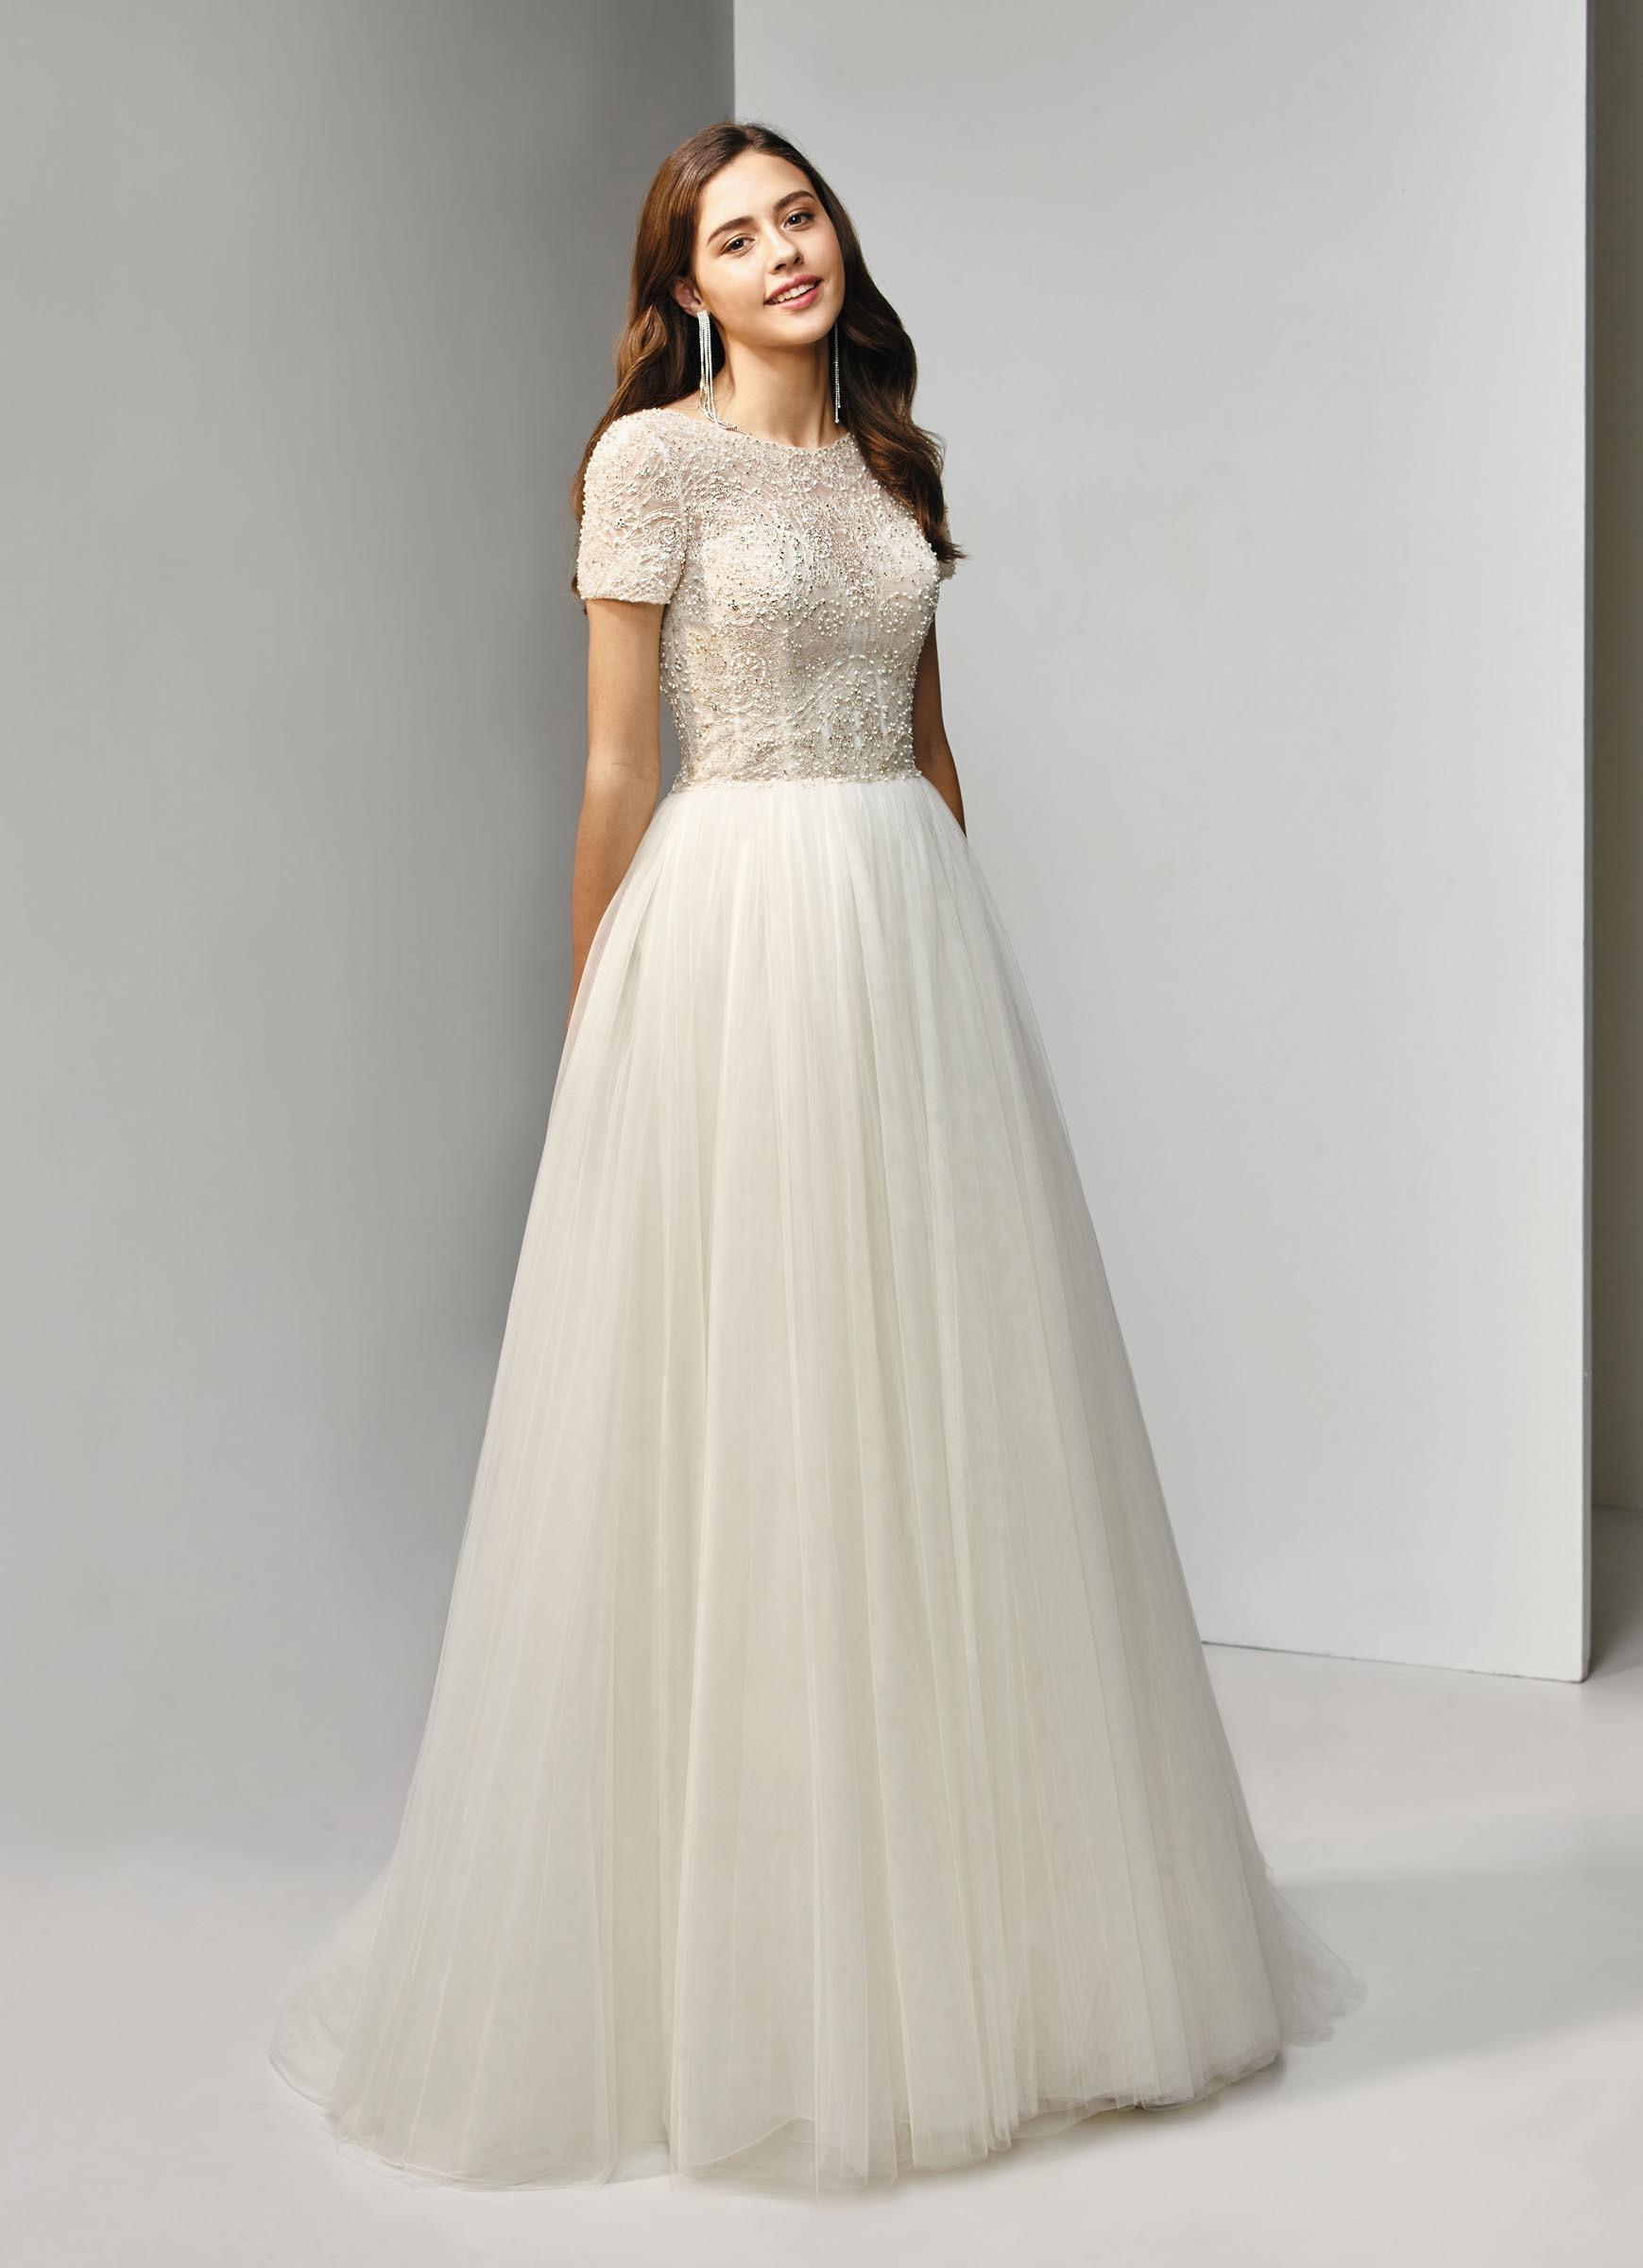 separation shoes 4709e 886d9 Cremefarbenes, besticktes Brautkleid mit Prinzessschnitt und ...